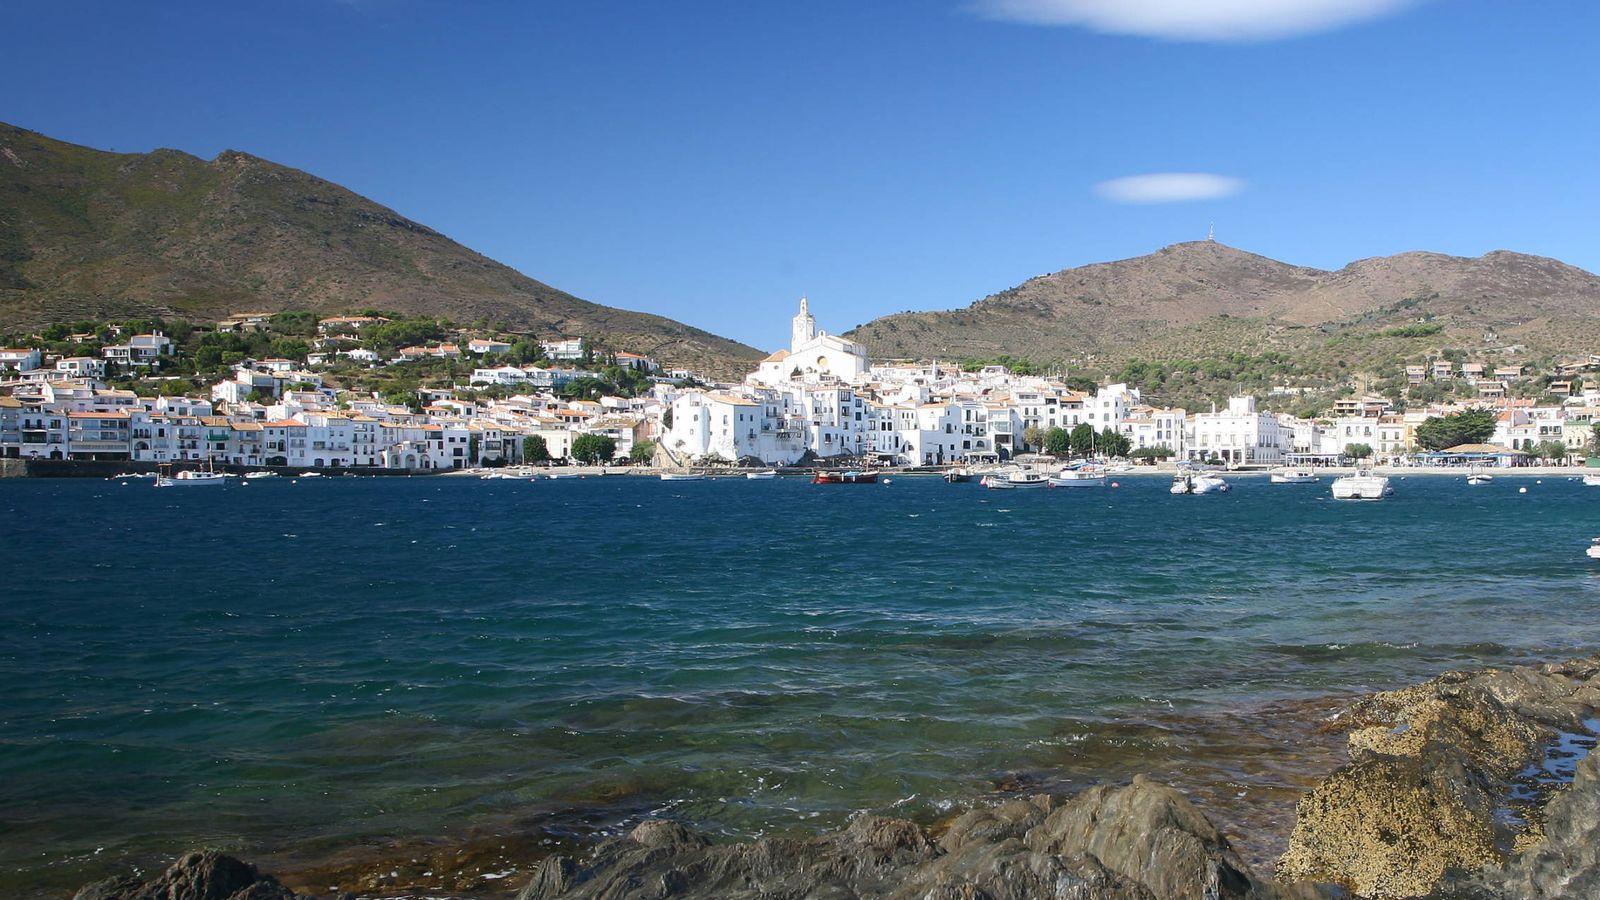 Foto: Y allá en el frente, el bello pueblo del Alto Ampurdán. (Visit Cadaqués)